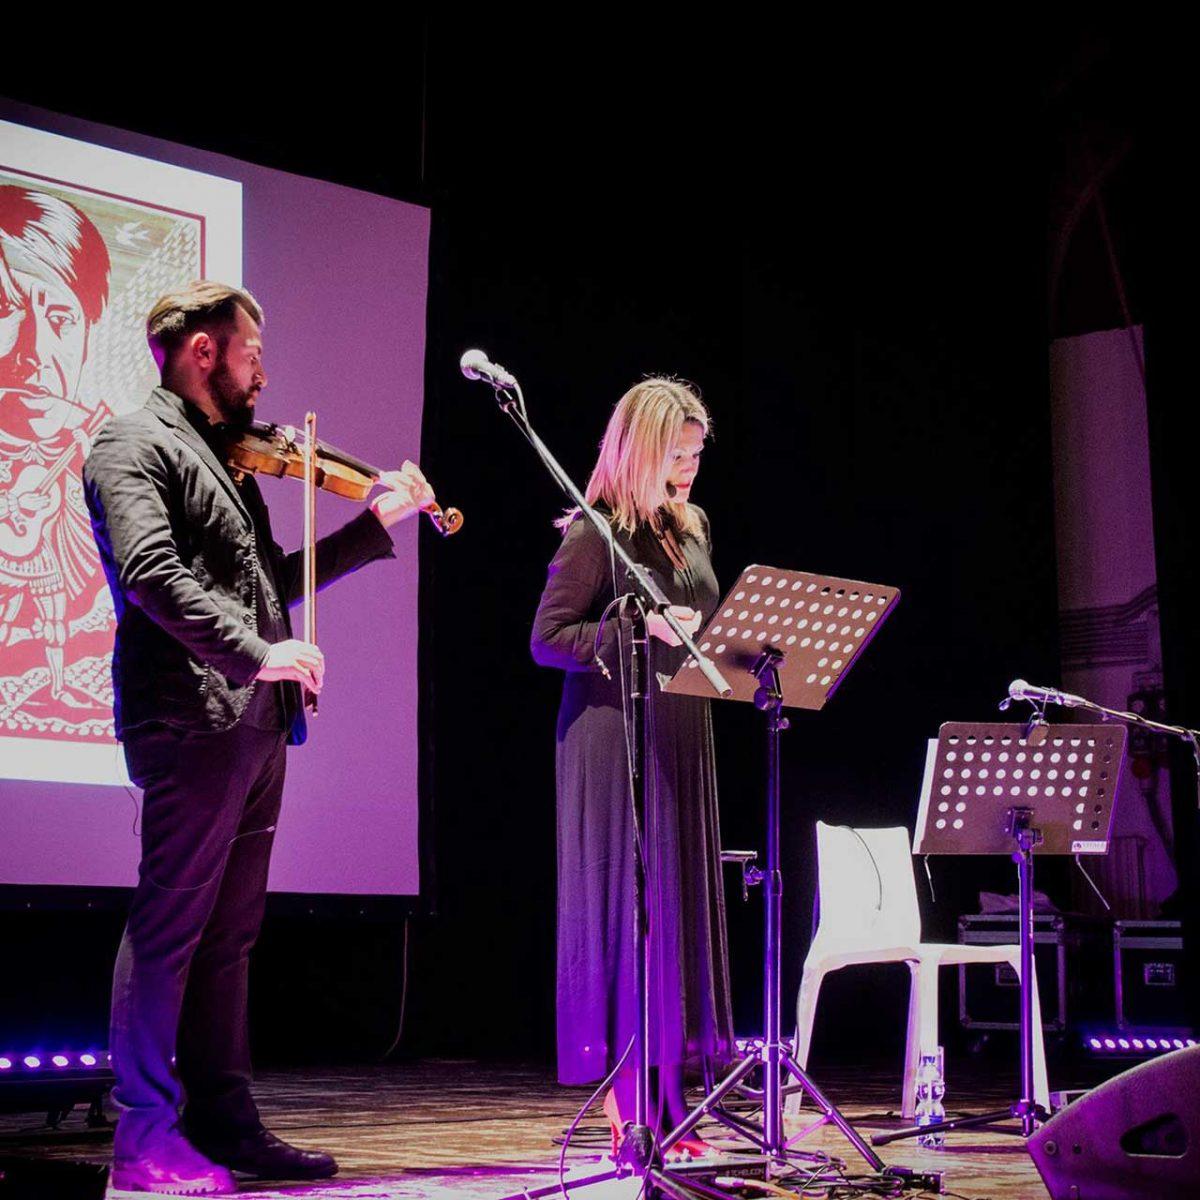 Teatro Augusteo di Salerno - concerto-evento dedicato a Fabrizio De André, con Carlo Ghirardato, Michele Ascolese e Domenico Ingenito - Foto © Govanna Landi